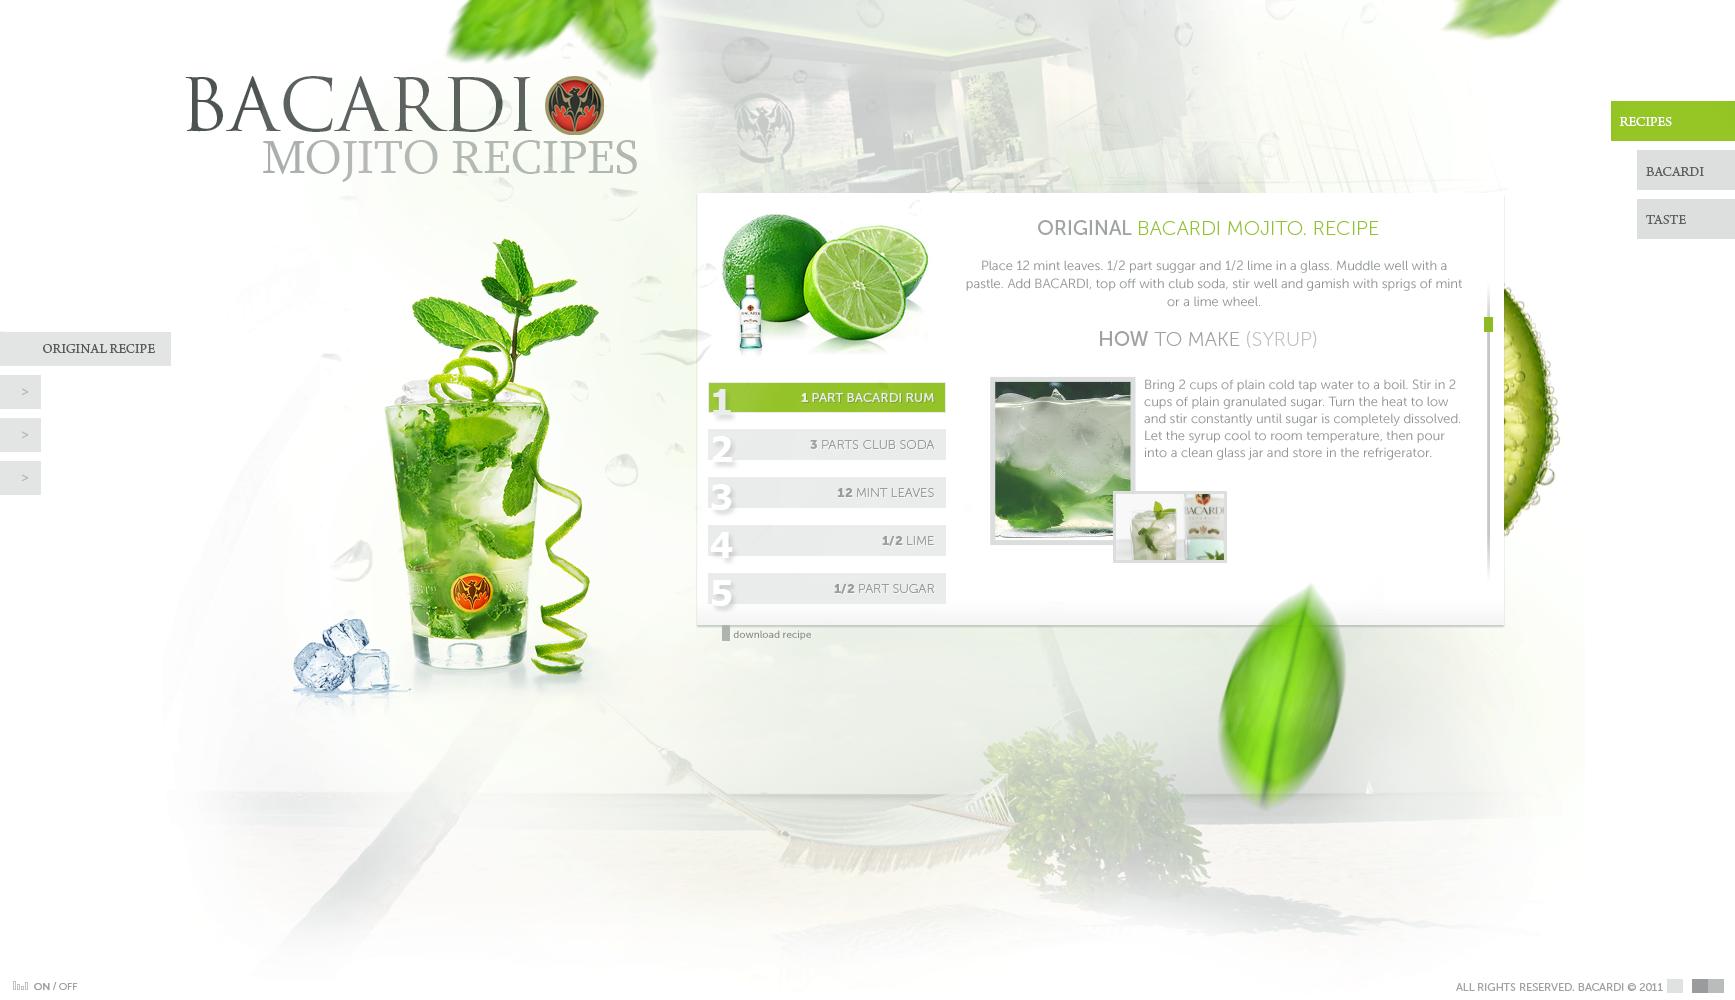 BACARDI Mojito Recipes Design by kristaps-design